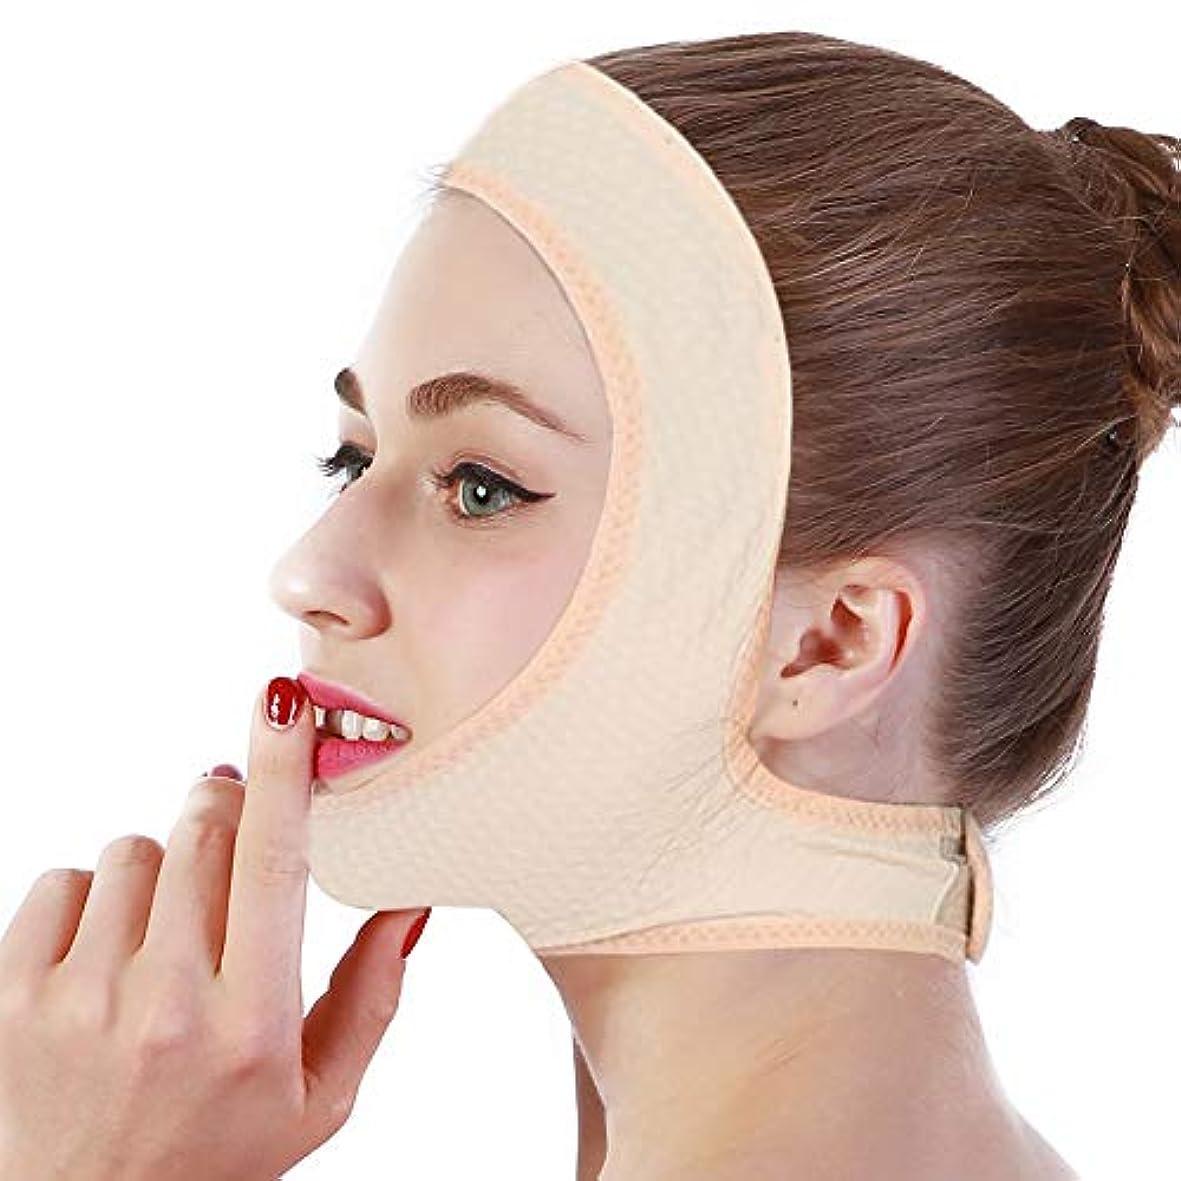 近代化する出発カトリック教徒フェイスマッサージ肌の色フェイスリフティングマスク薄いあご矯正ツール顔の輪郭調整包帯